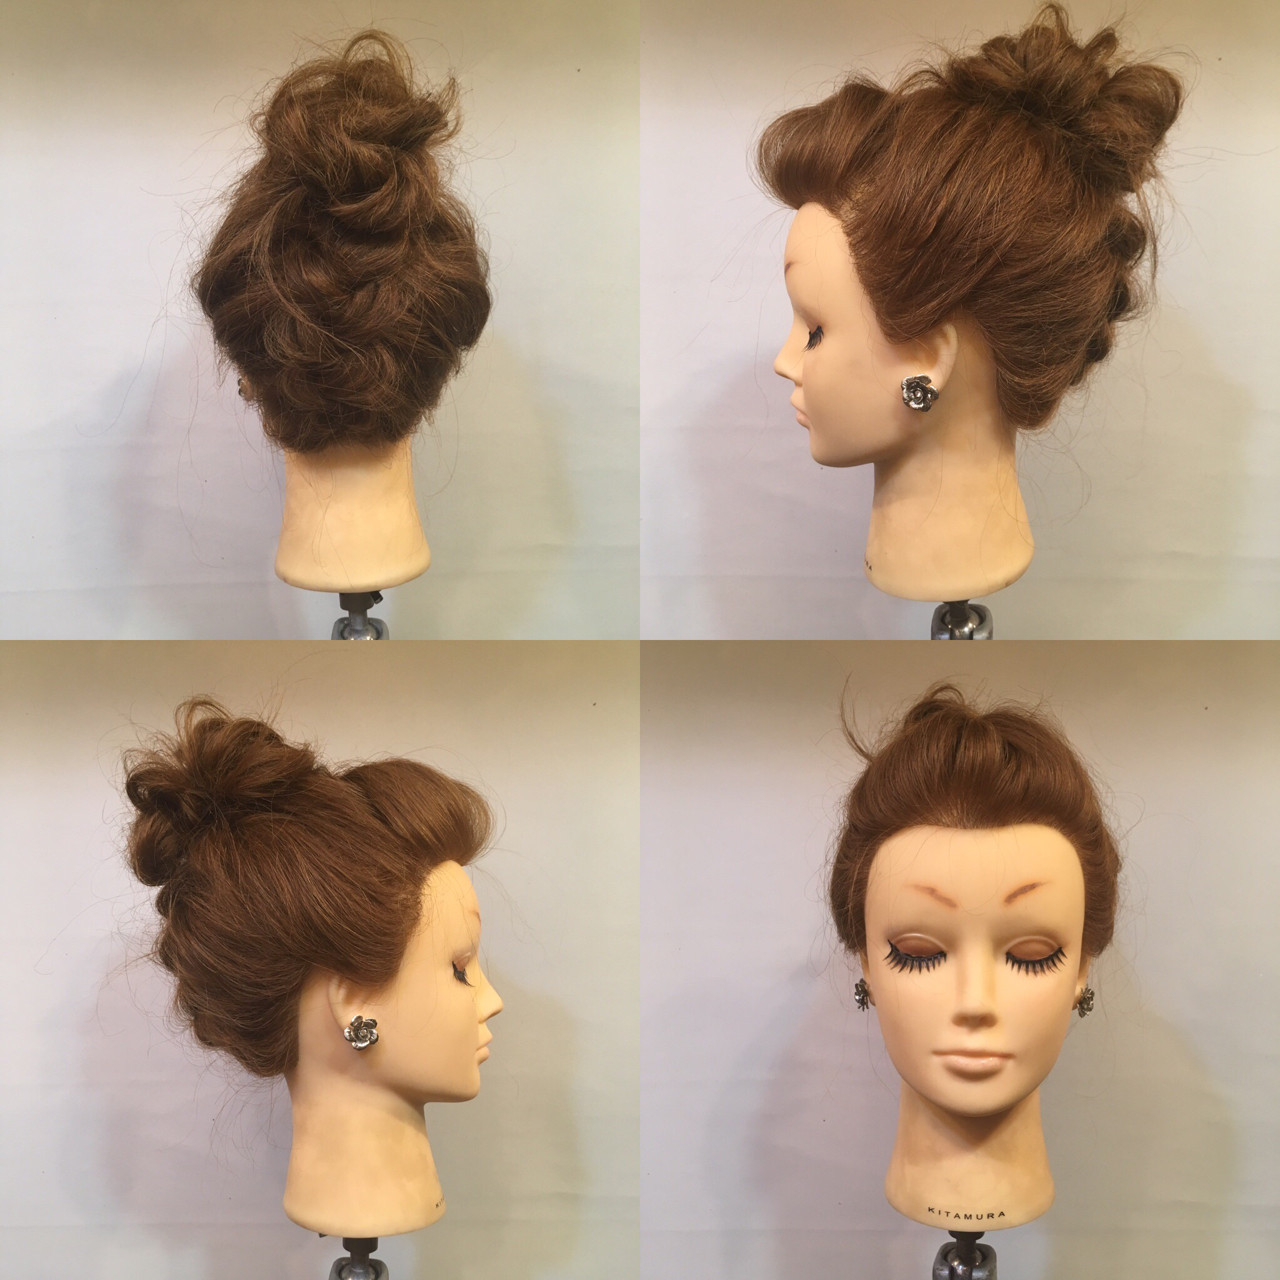 セミロング ヘアアレンジ 編み込み 裏編み込み ヘアスタイルや髪型の写真・画像